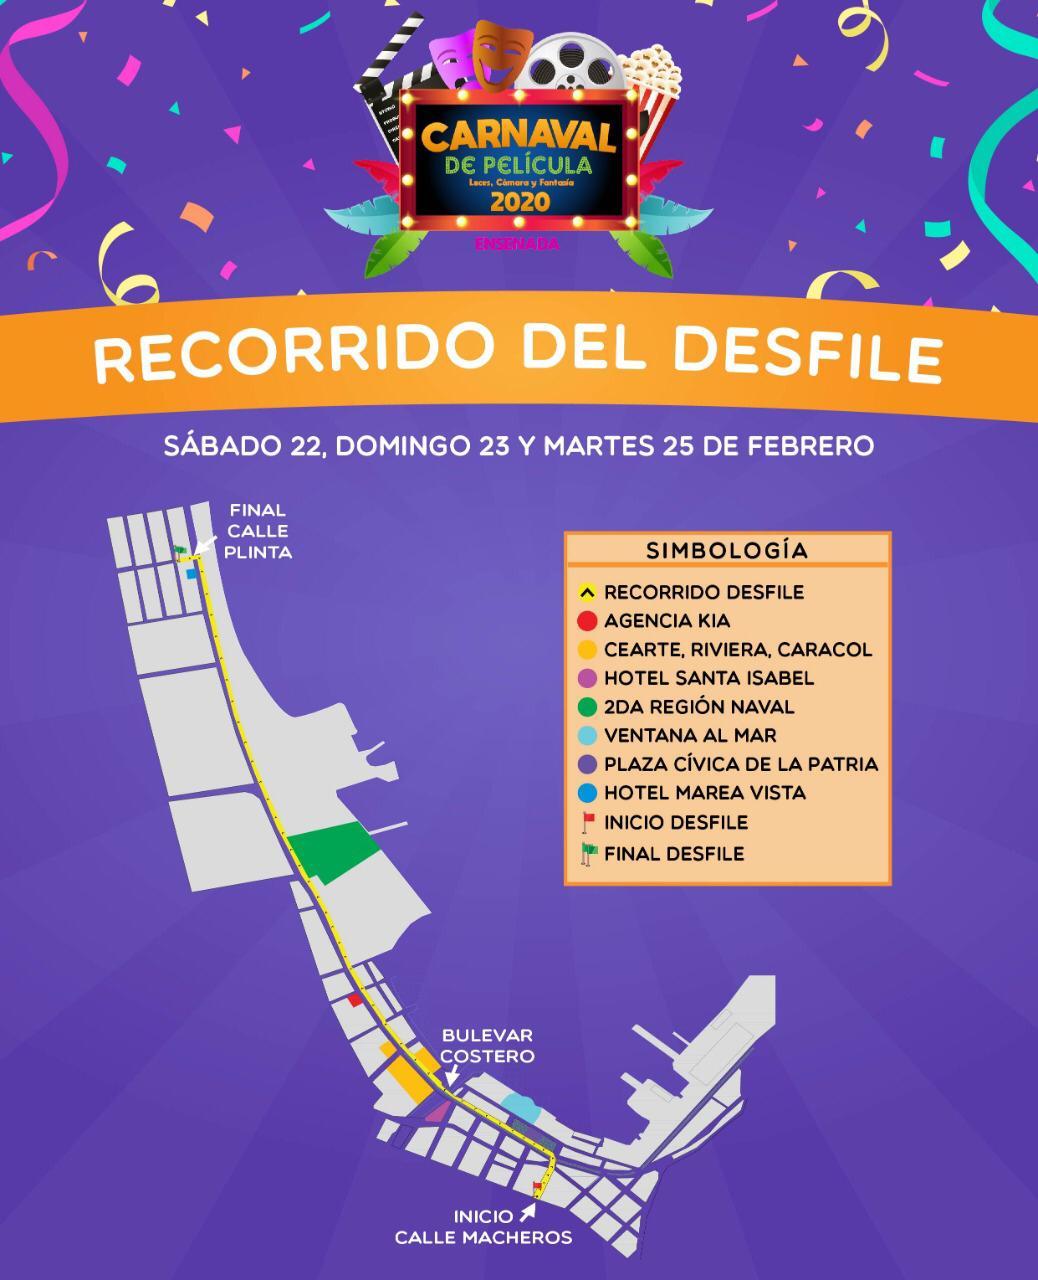 Los 3 grandes desfiles del carnaval de Ensenada salen de la calle Macheros y llegan a la calle Plinta